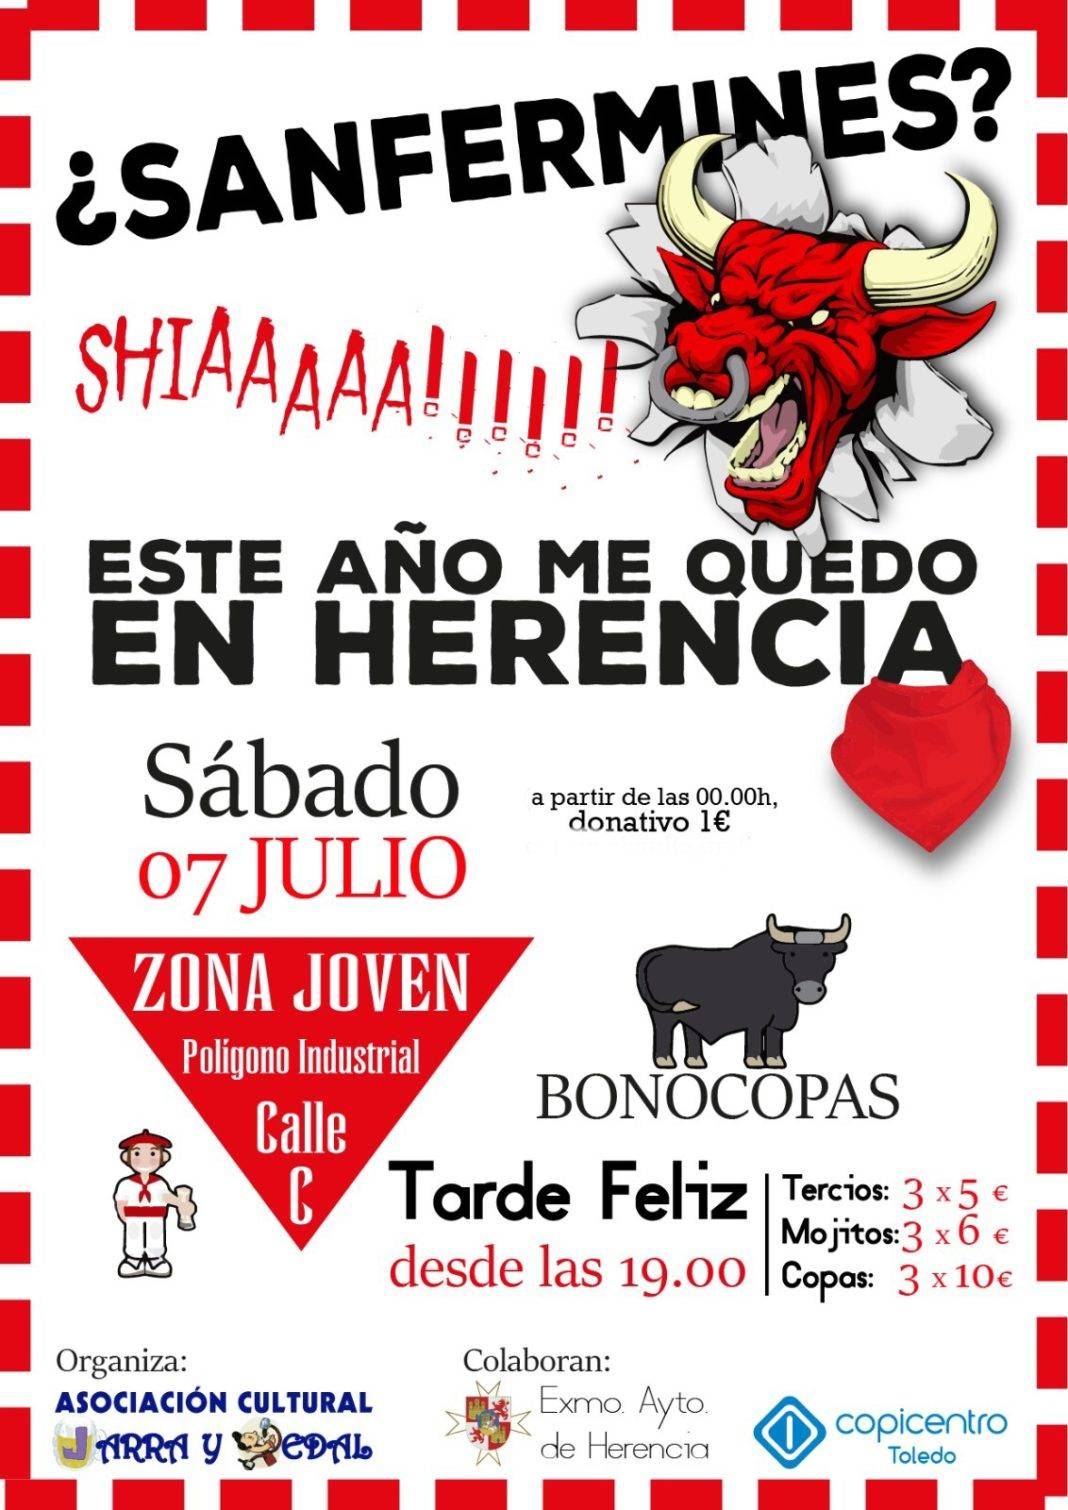 Fiesta de verano de la asociación jarra y pedal 1068x1510 - Fiesta de verano de la asociación Jarra y Pedal